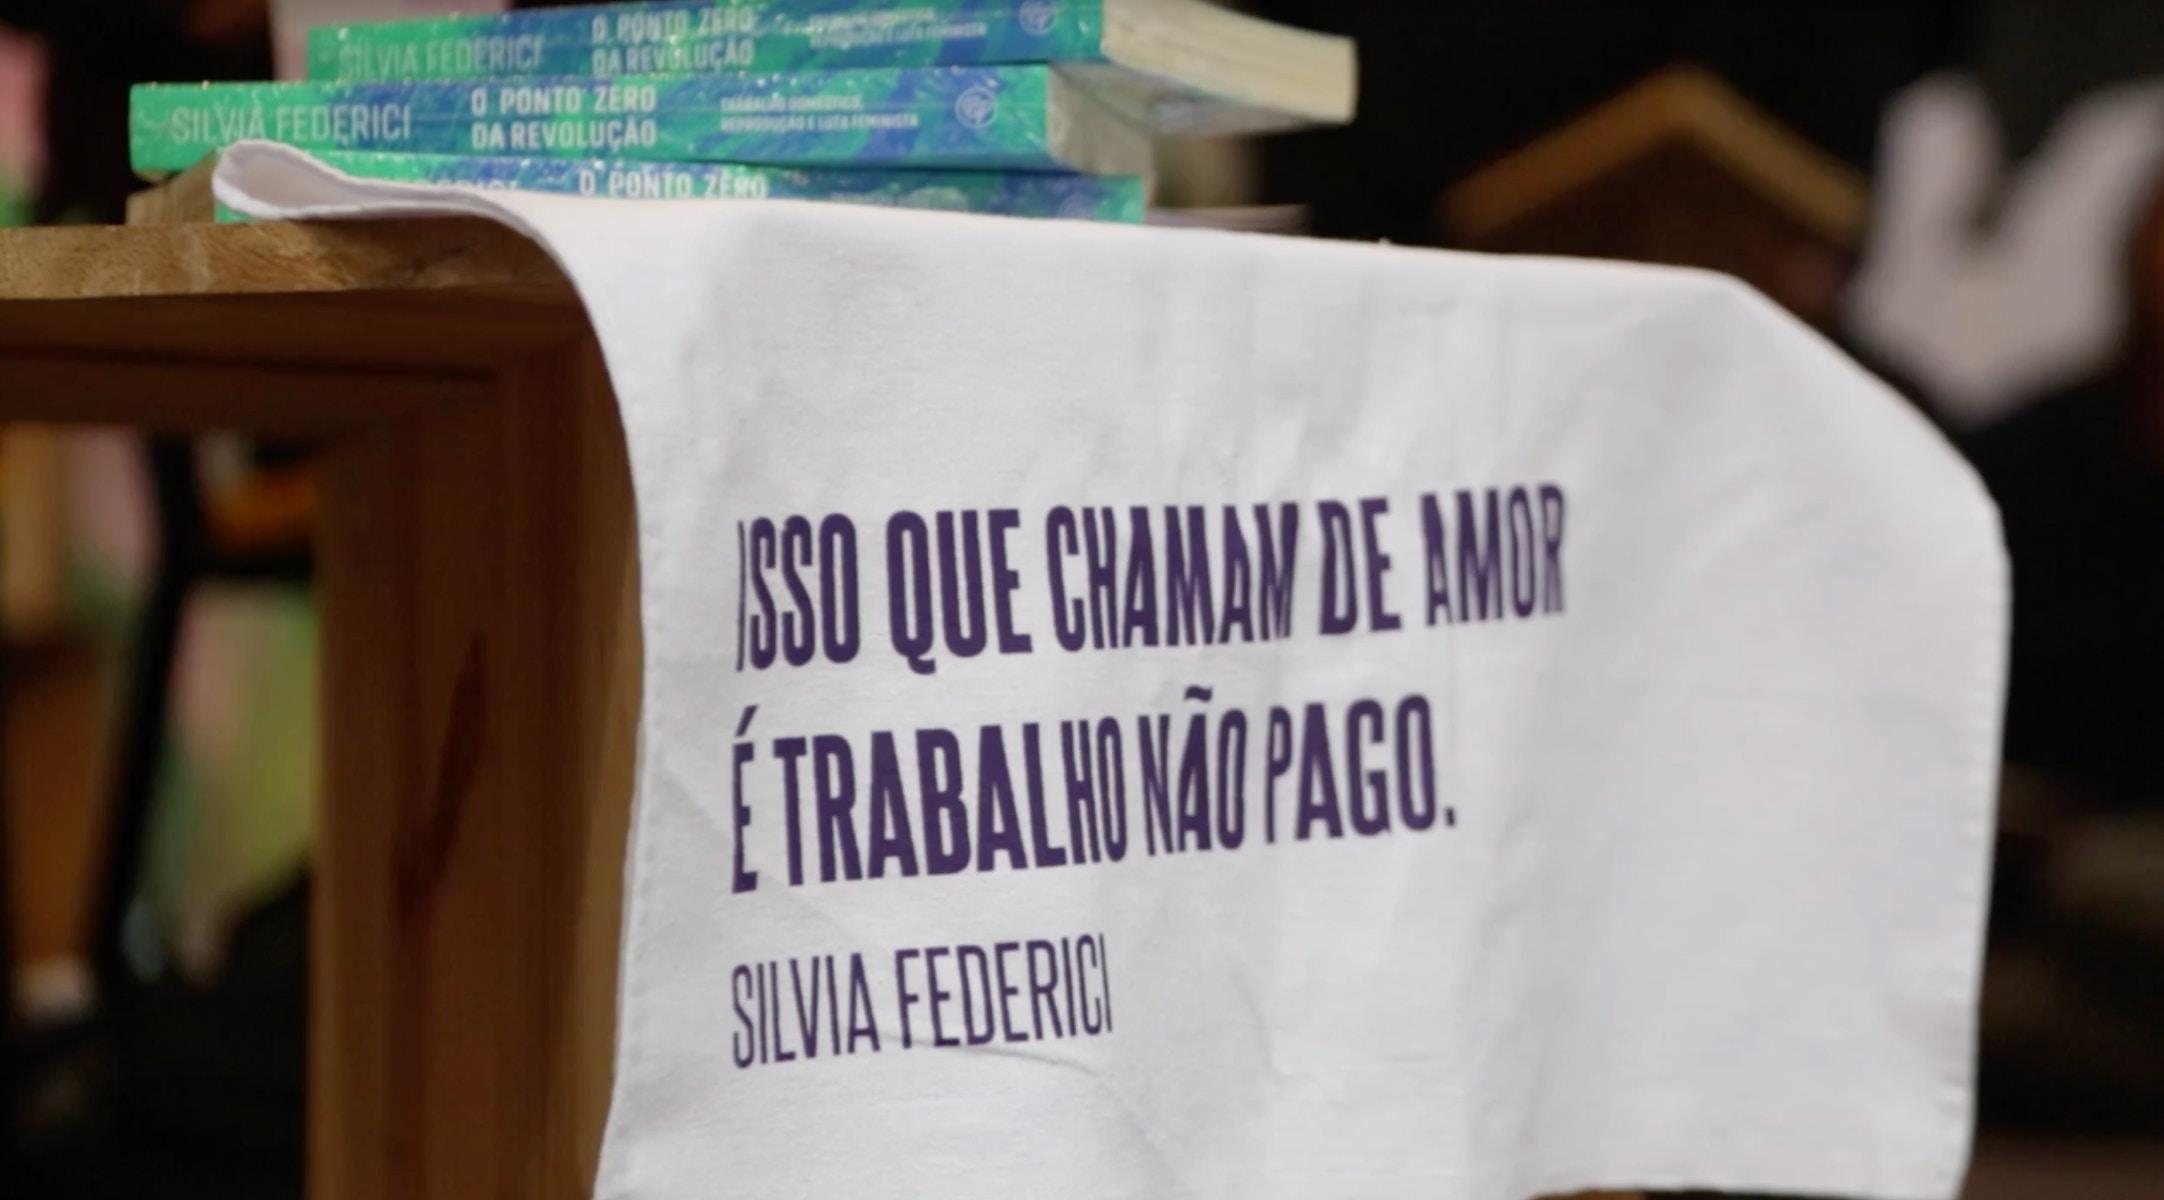 Silvia-Federici-Foto-1570238243